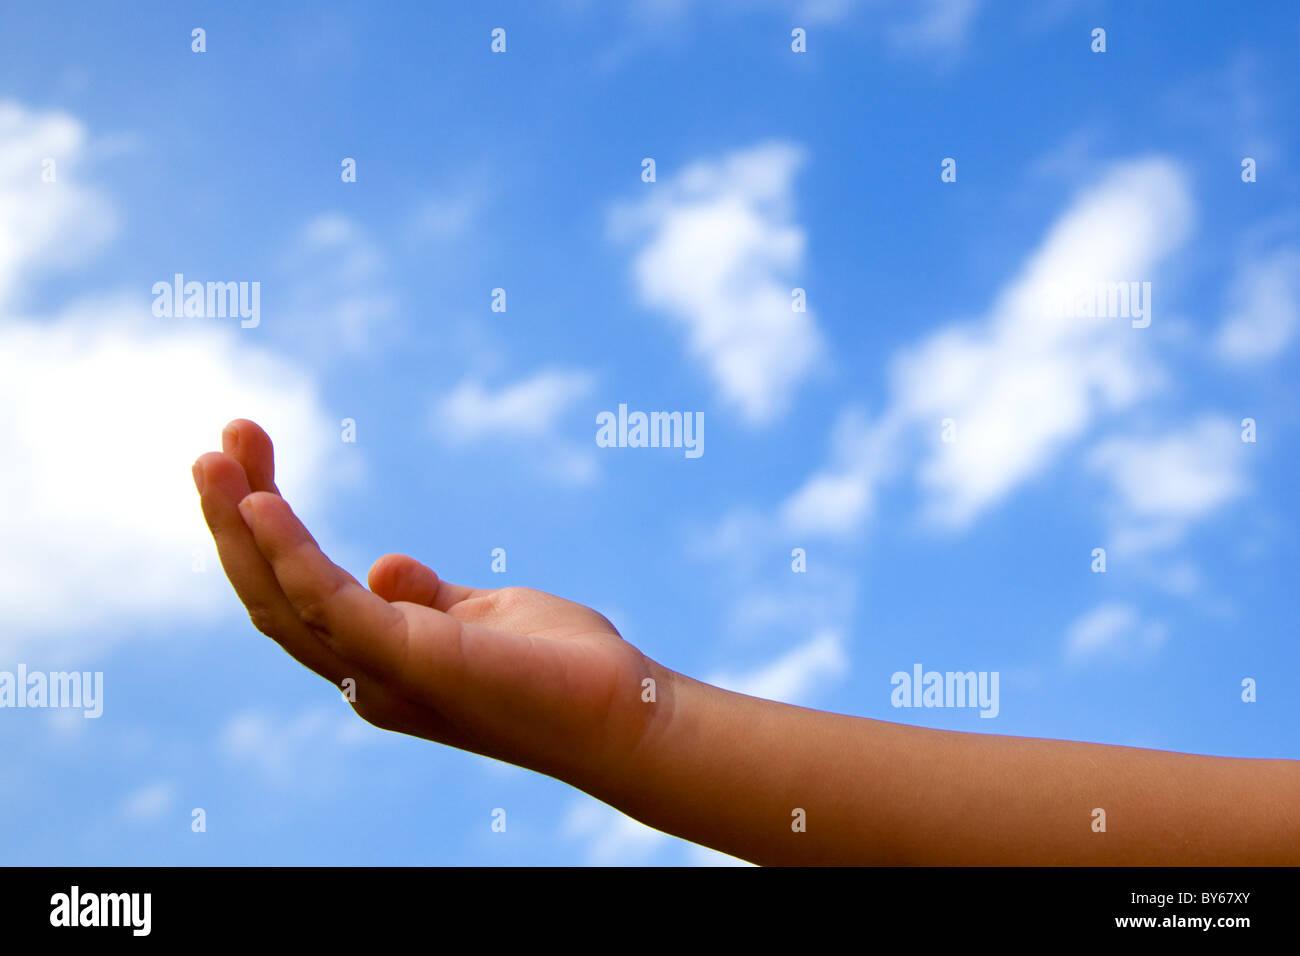 Abrir la mano de un niño contra Un nublado cielo azul Foto de stock